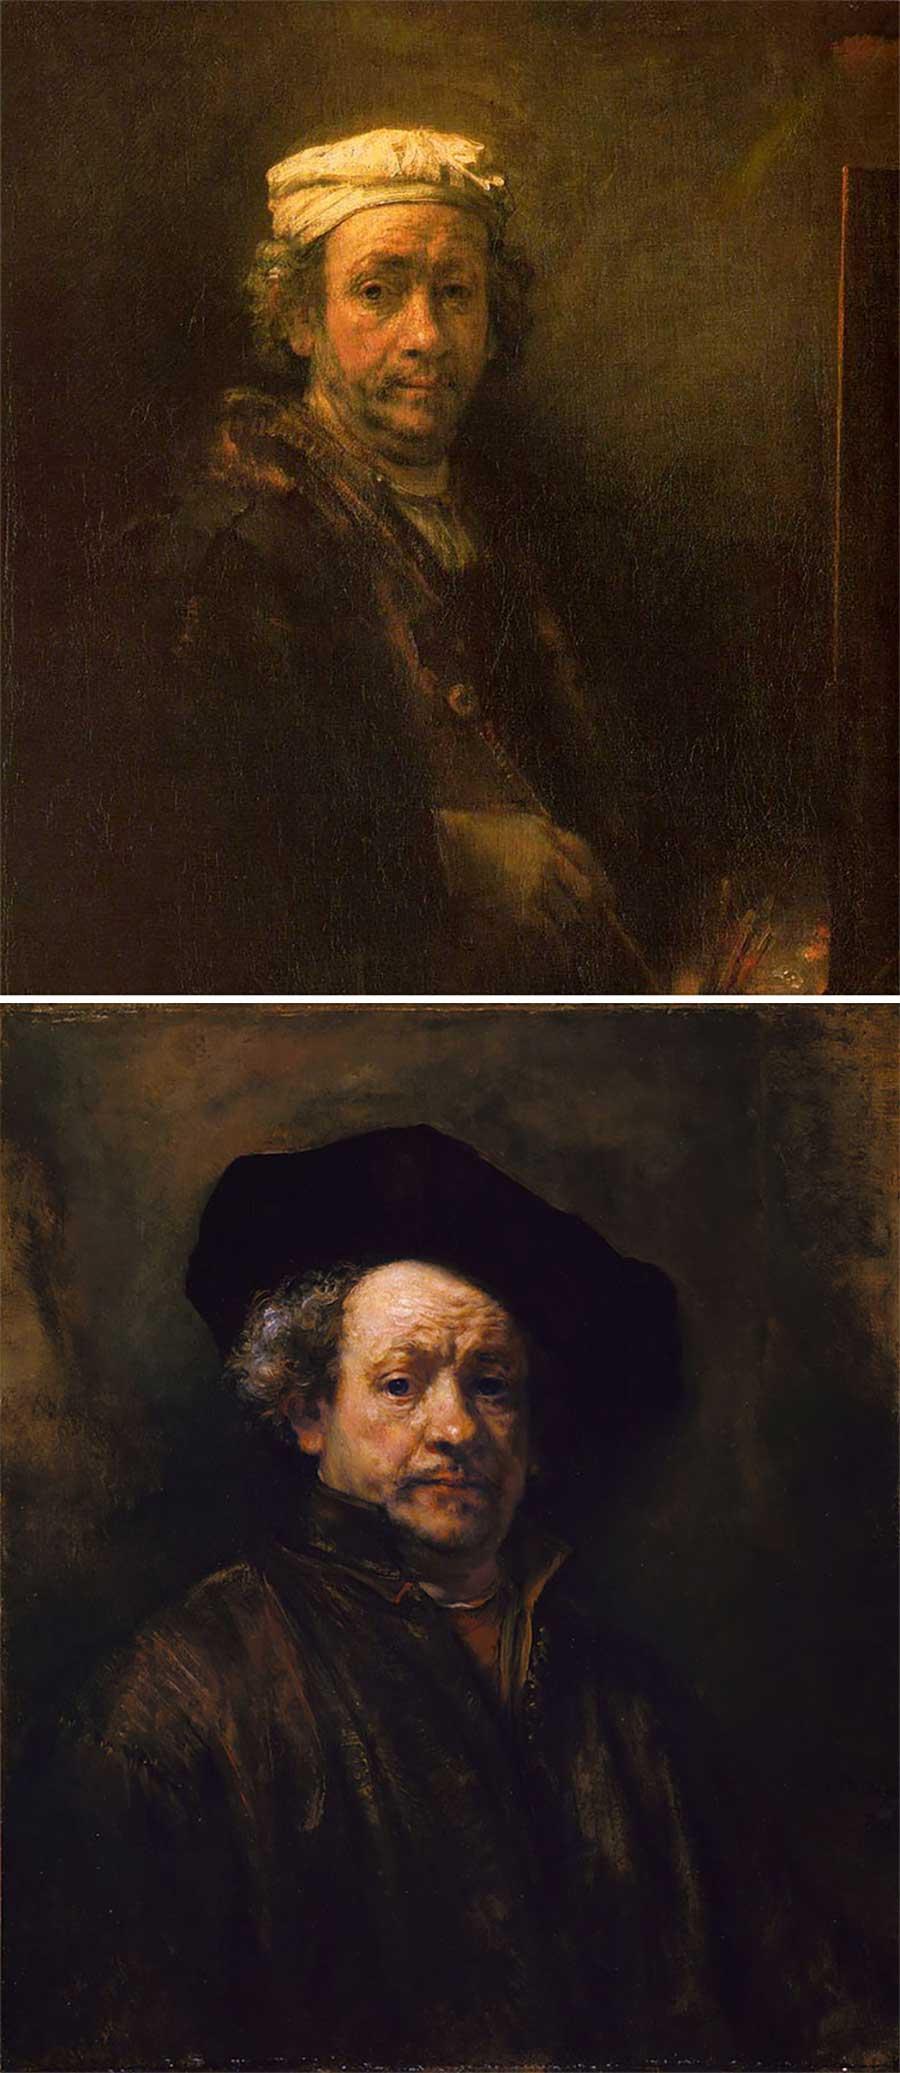 Ulkige Merkmale, woran man erkennen kann, welcher Künstler ein Gemälde gemalt hat gemaelde-malern-zuordnen-fun_02